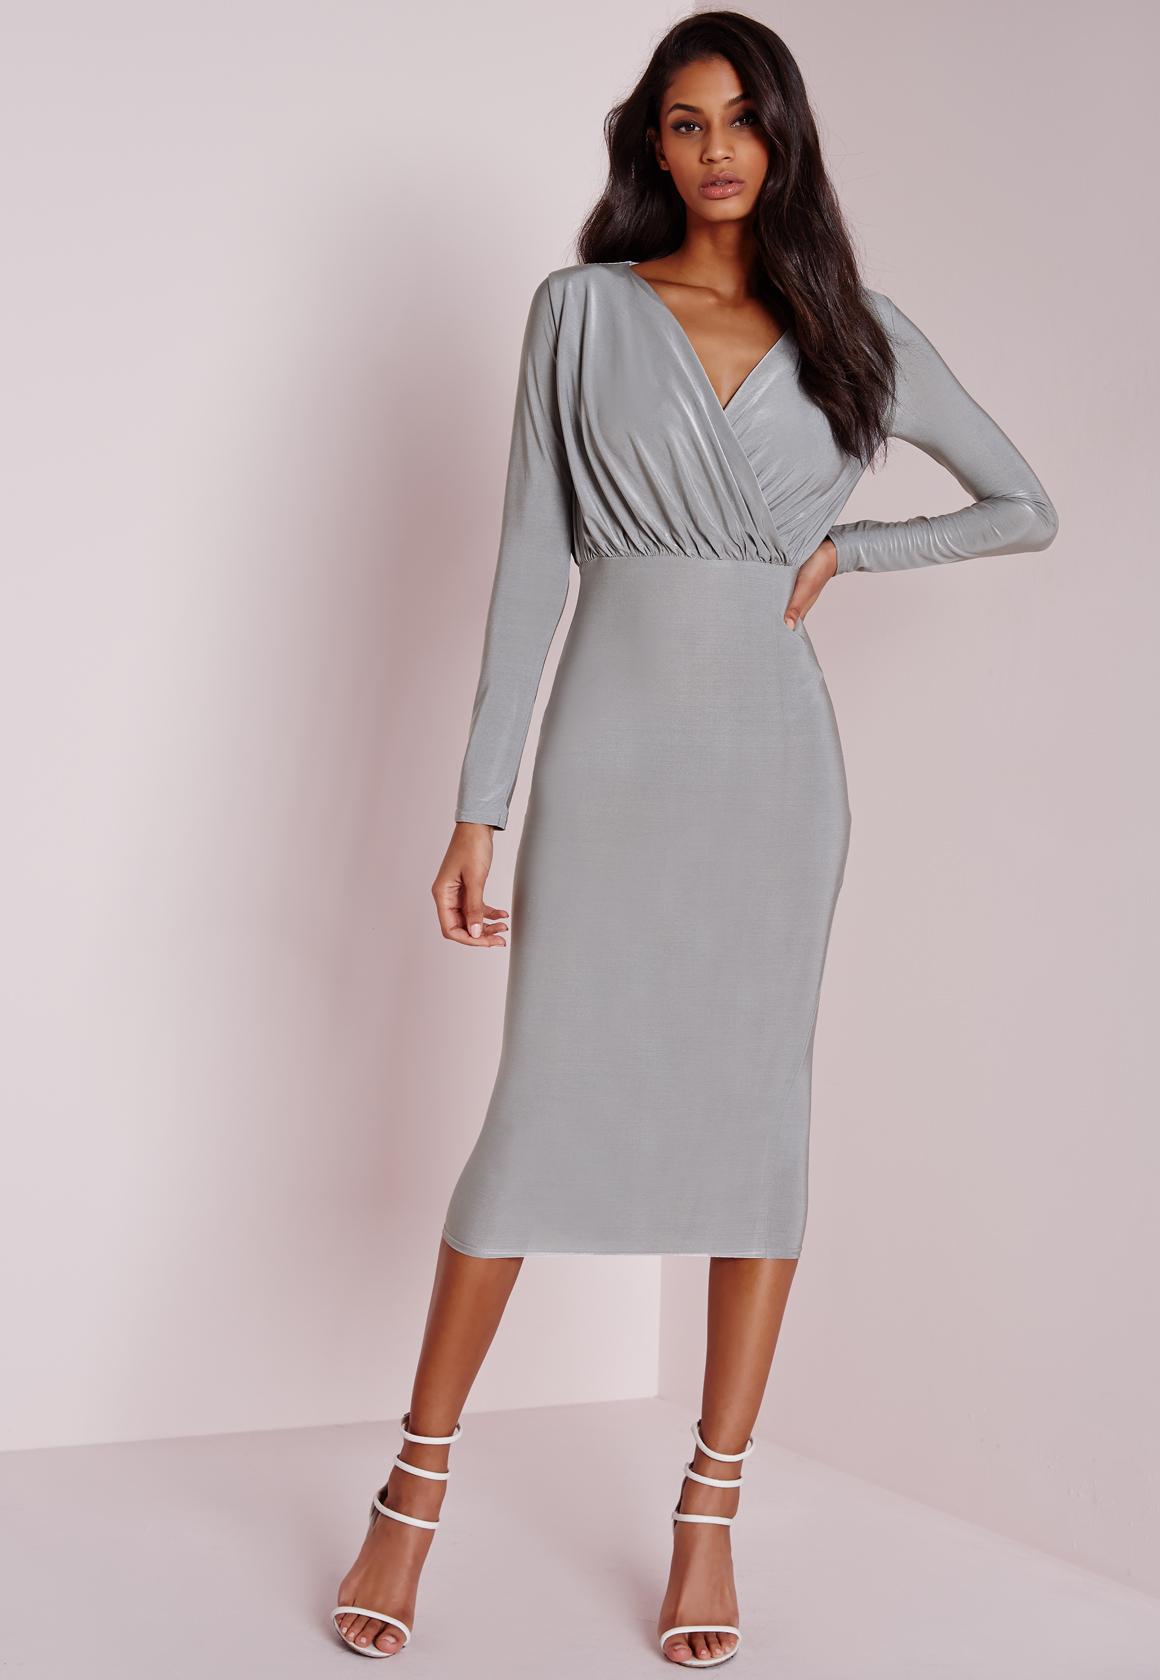 Lyst - Missguided Slinky Wrap Midi Dress Grey in Gray 255c95bbf971